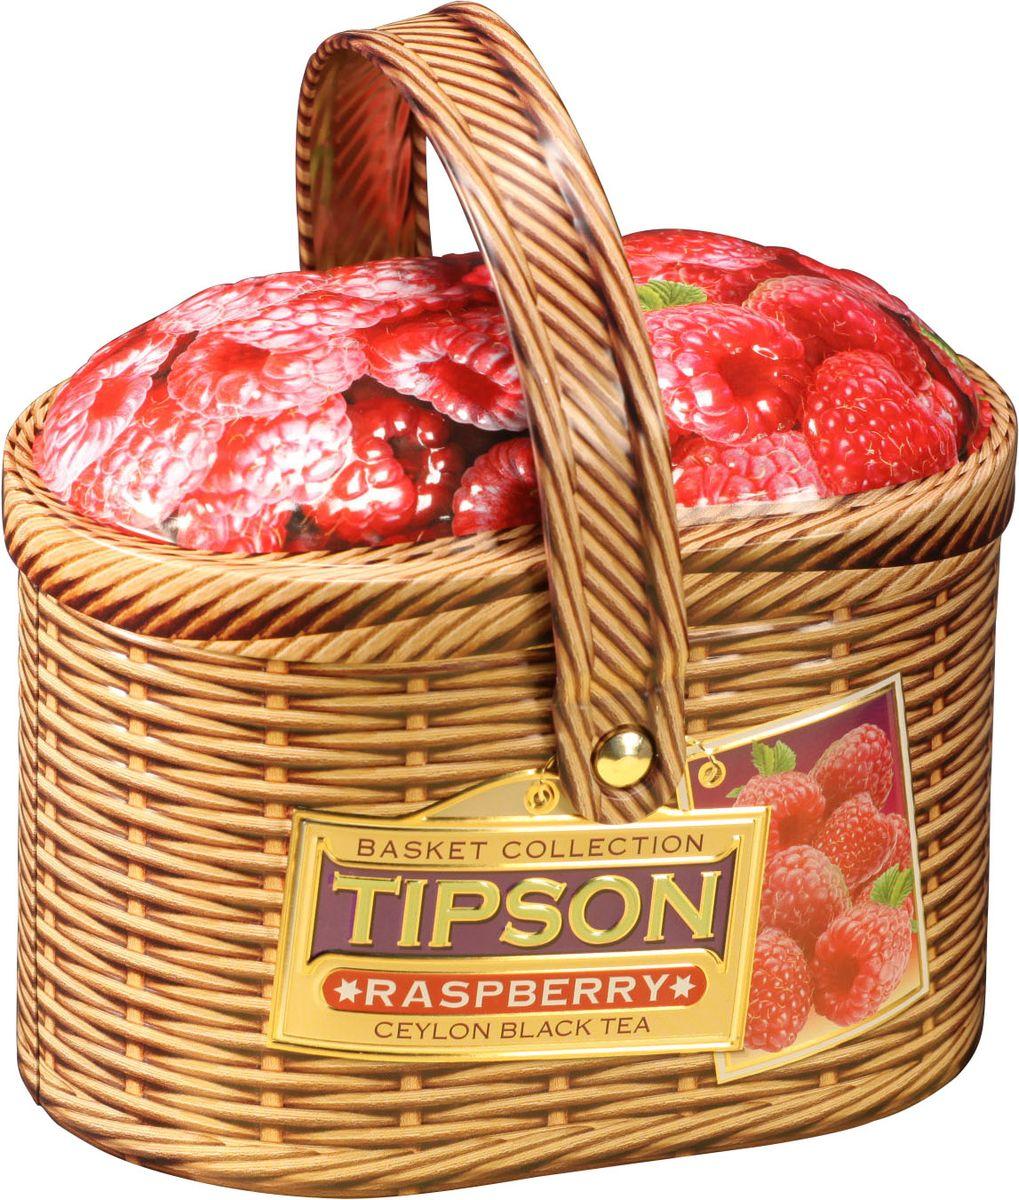 Tipson Basket-Raspberry чай черный листовой с кусочками папайи и малины, 80 г80128-00Чай чёрный цейлонский байховый листовой с кусочками папайи и ароматом малины.